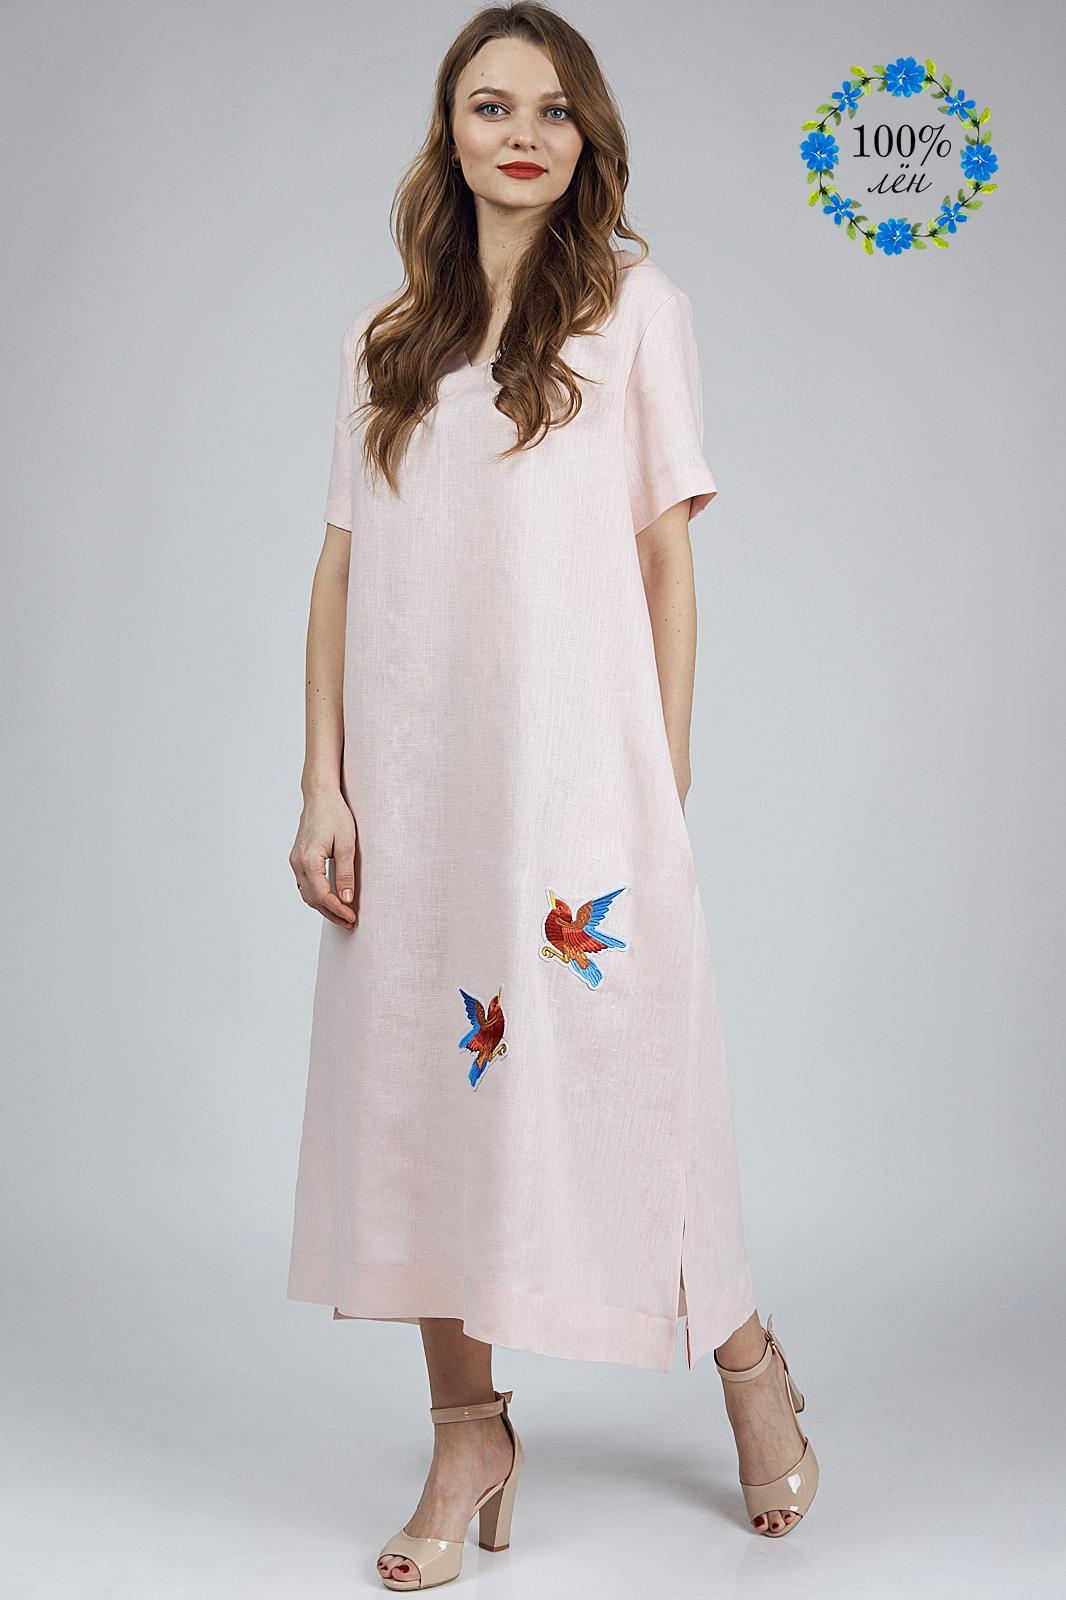 4d88f258edd28 Купить платье в интернет-магазине в Минске. Белорусские женские платья